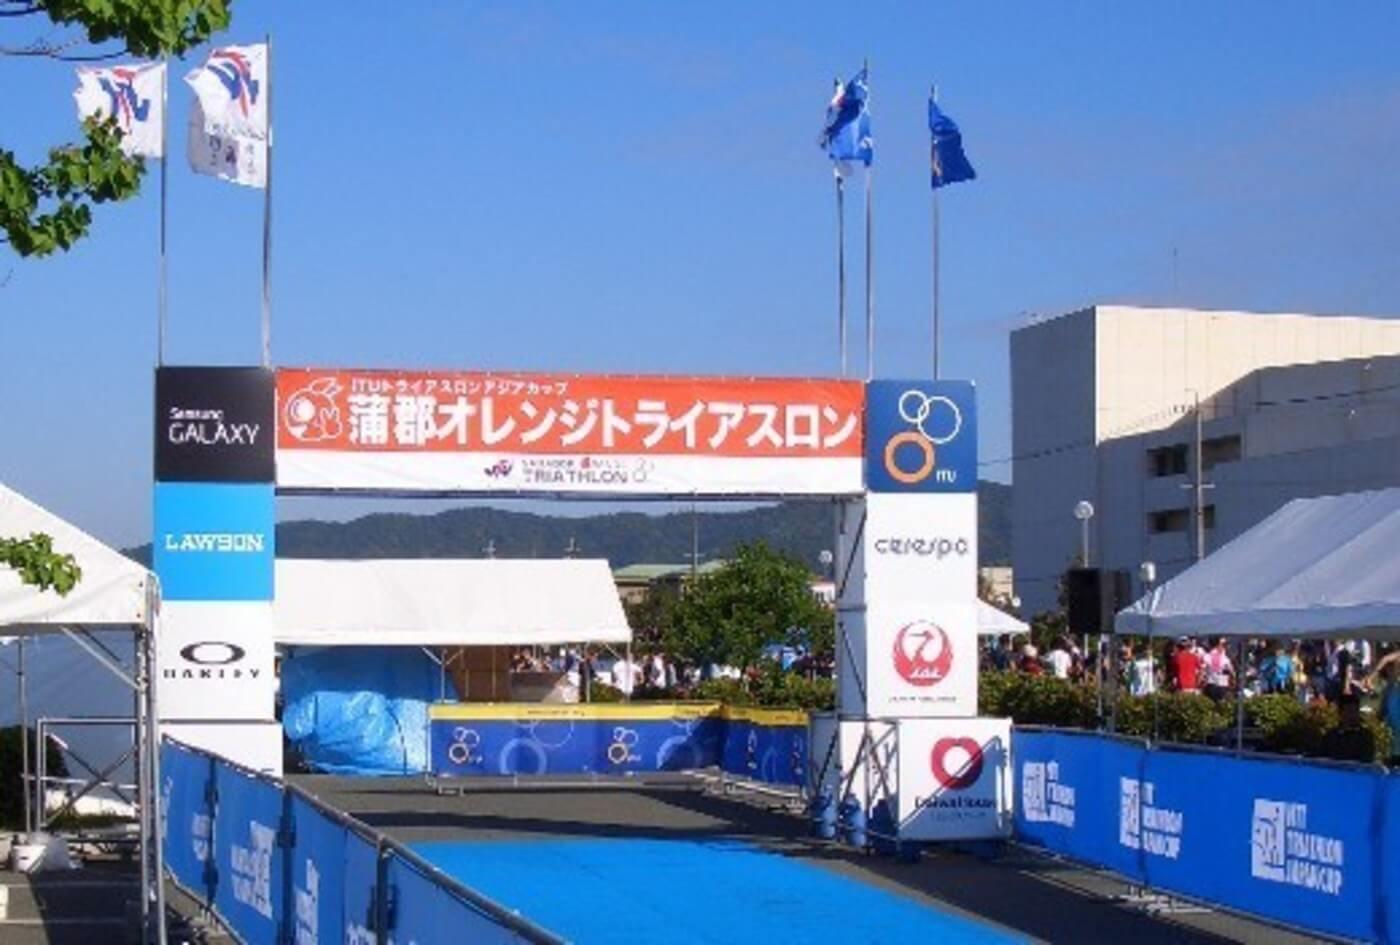 蒲郡オレンジトライアスロン大会 | 愛知県